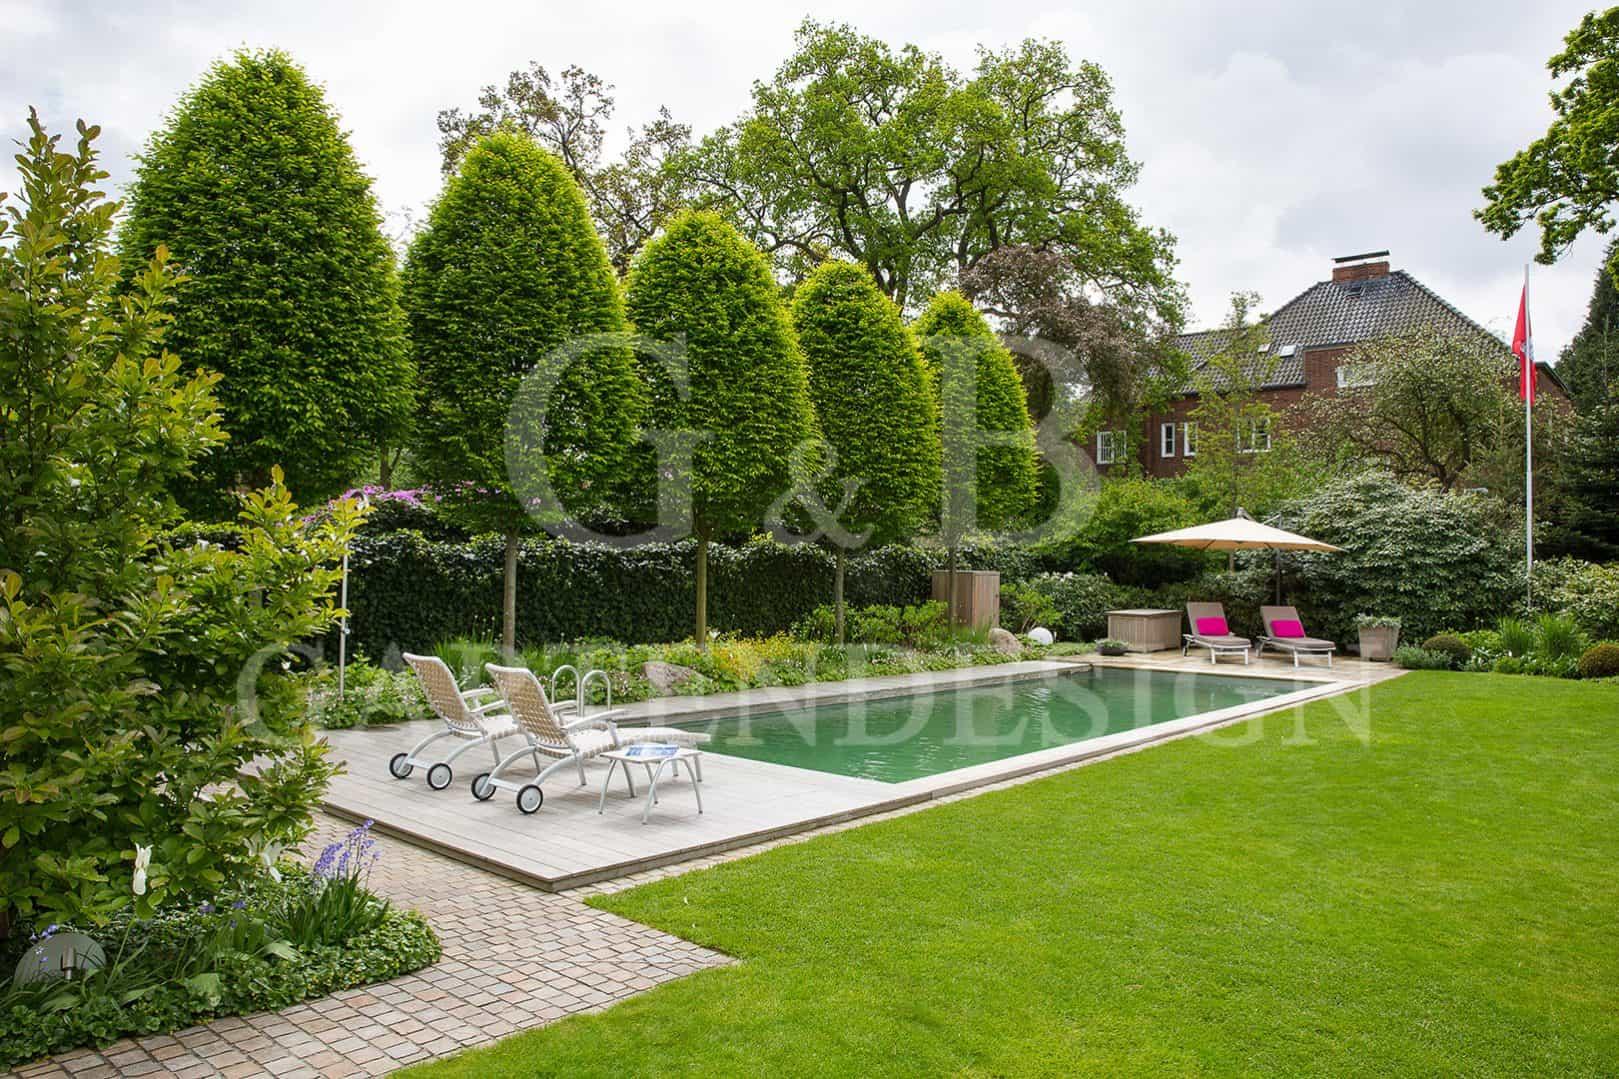 gartengestaltung reihenhaus pool garten und bauen » terrassenholz, Hause und garten